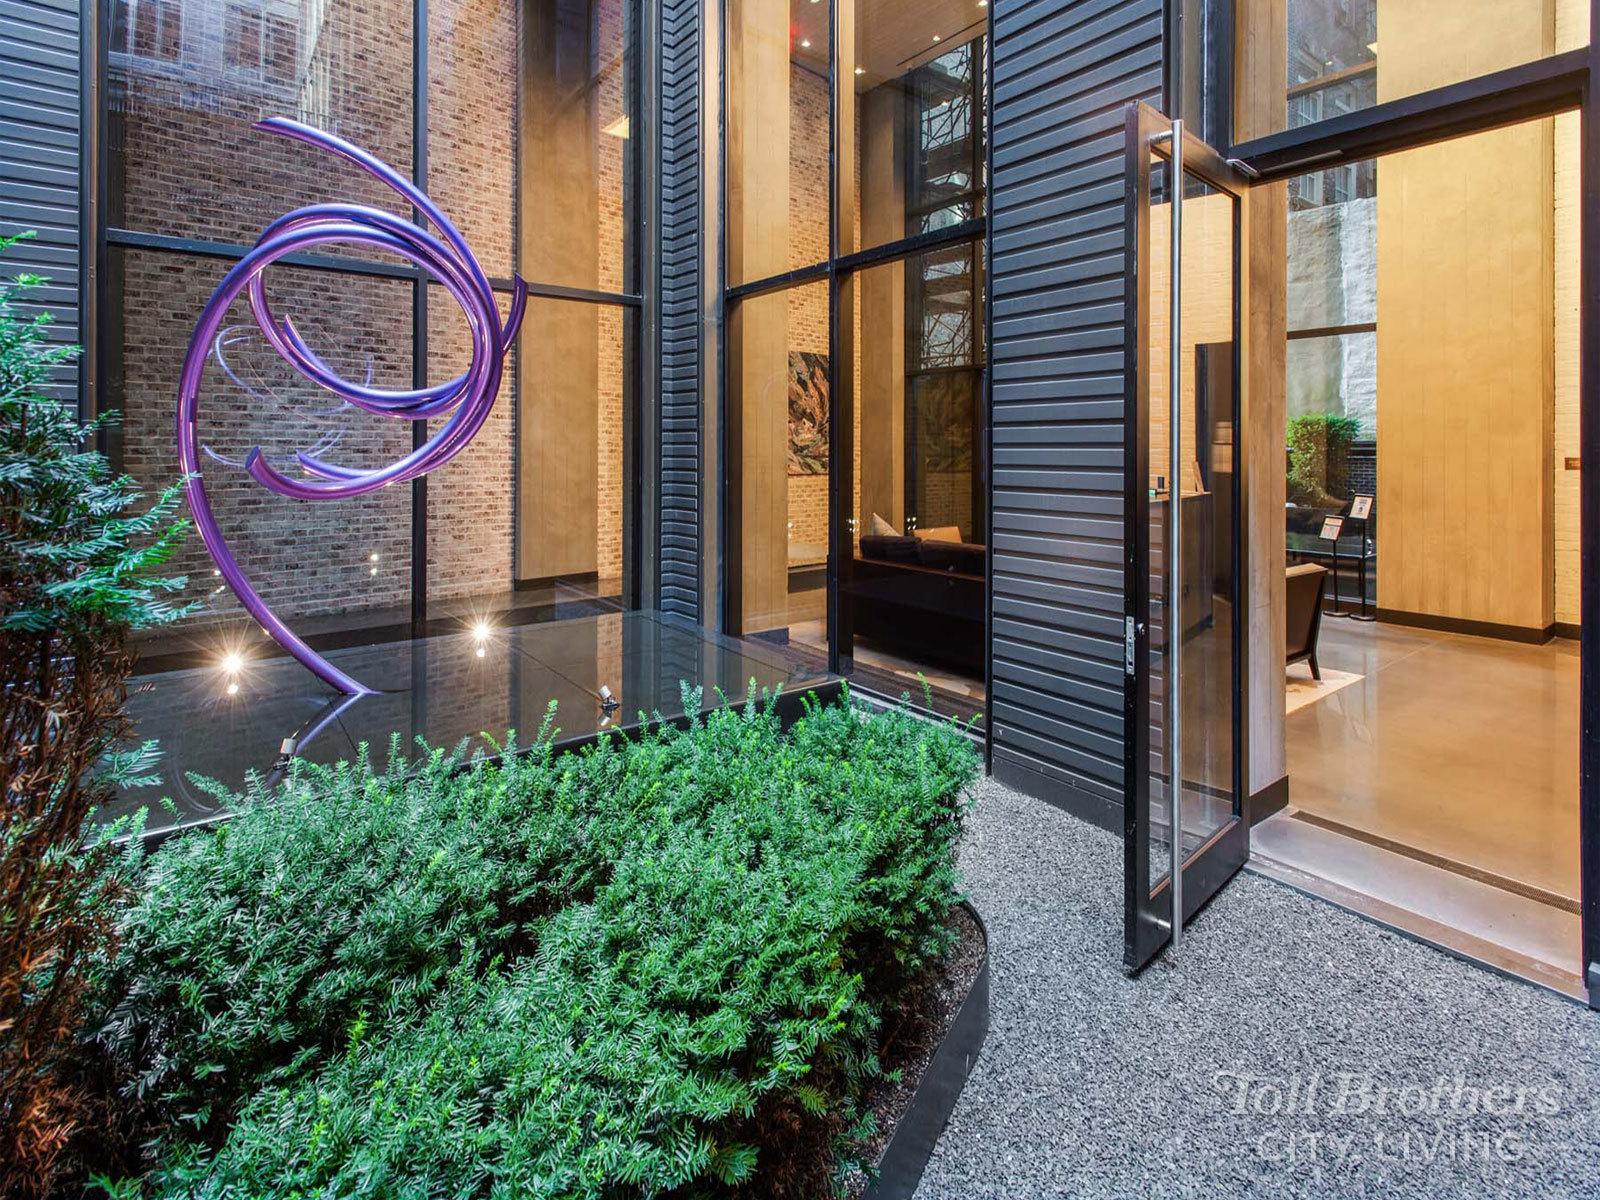 91 Leonard Street 12C Tribeca New York NY 10013